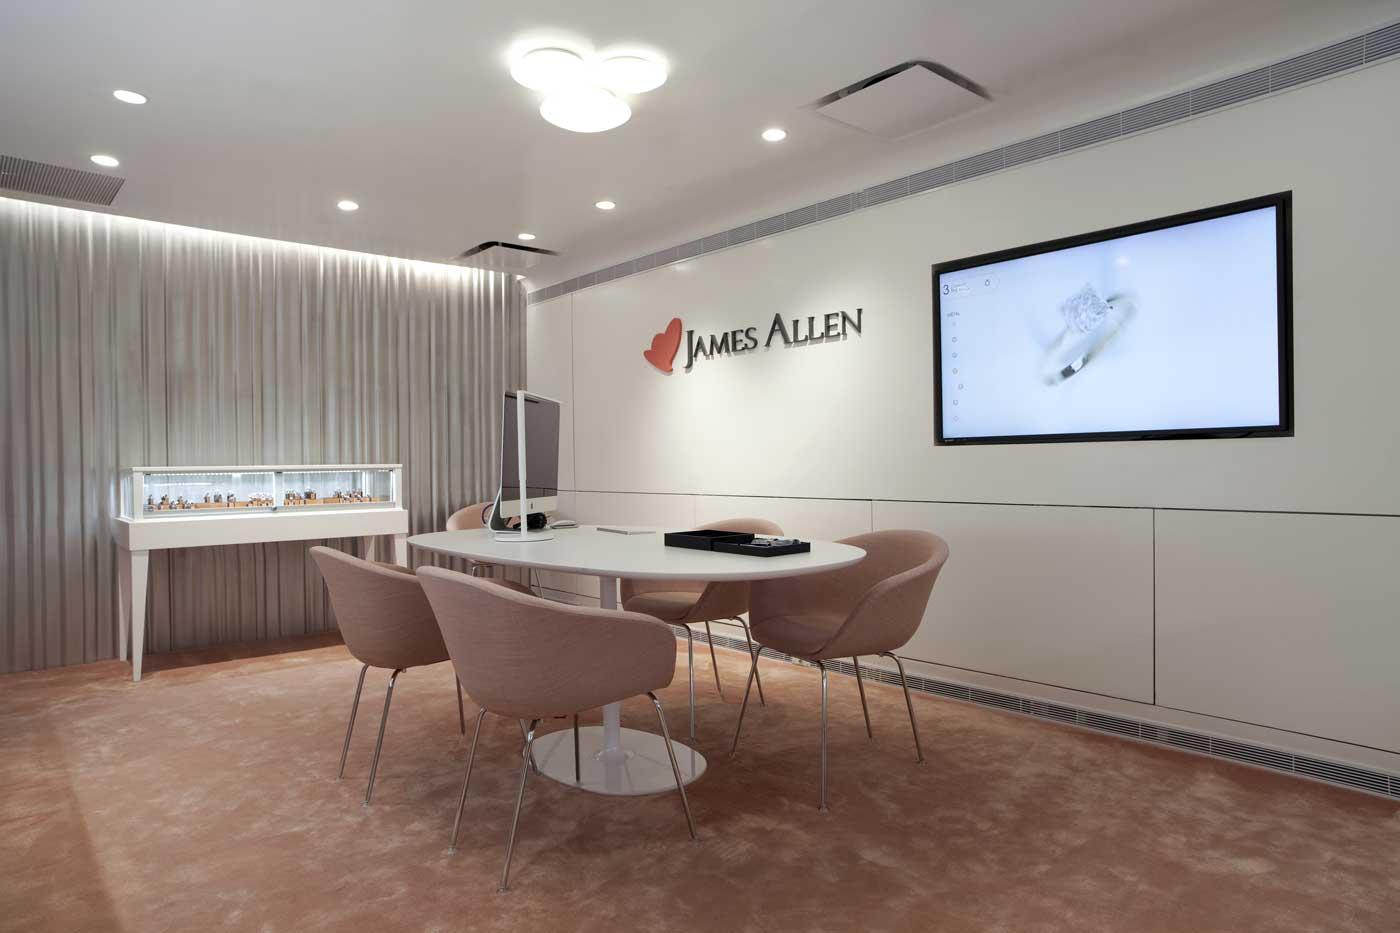 James Allen, New York by SMS Studio